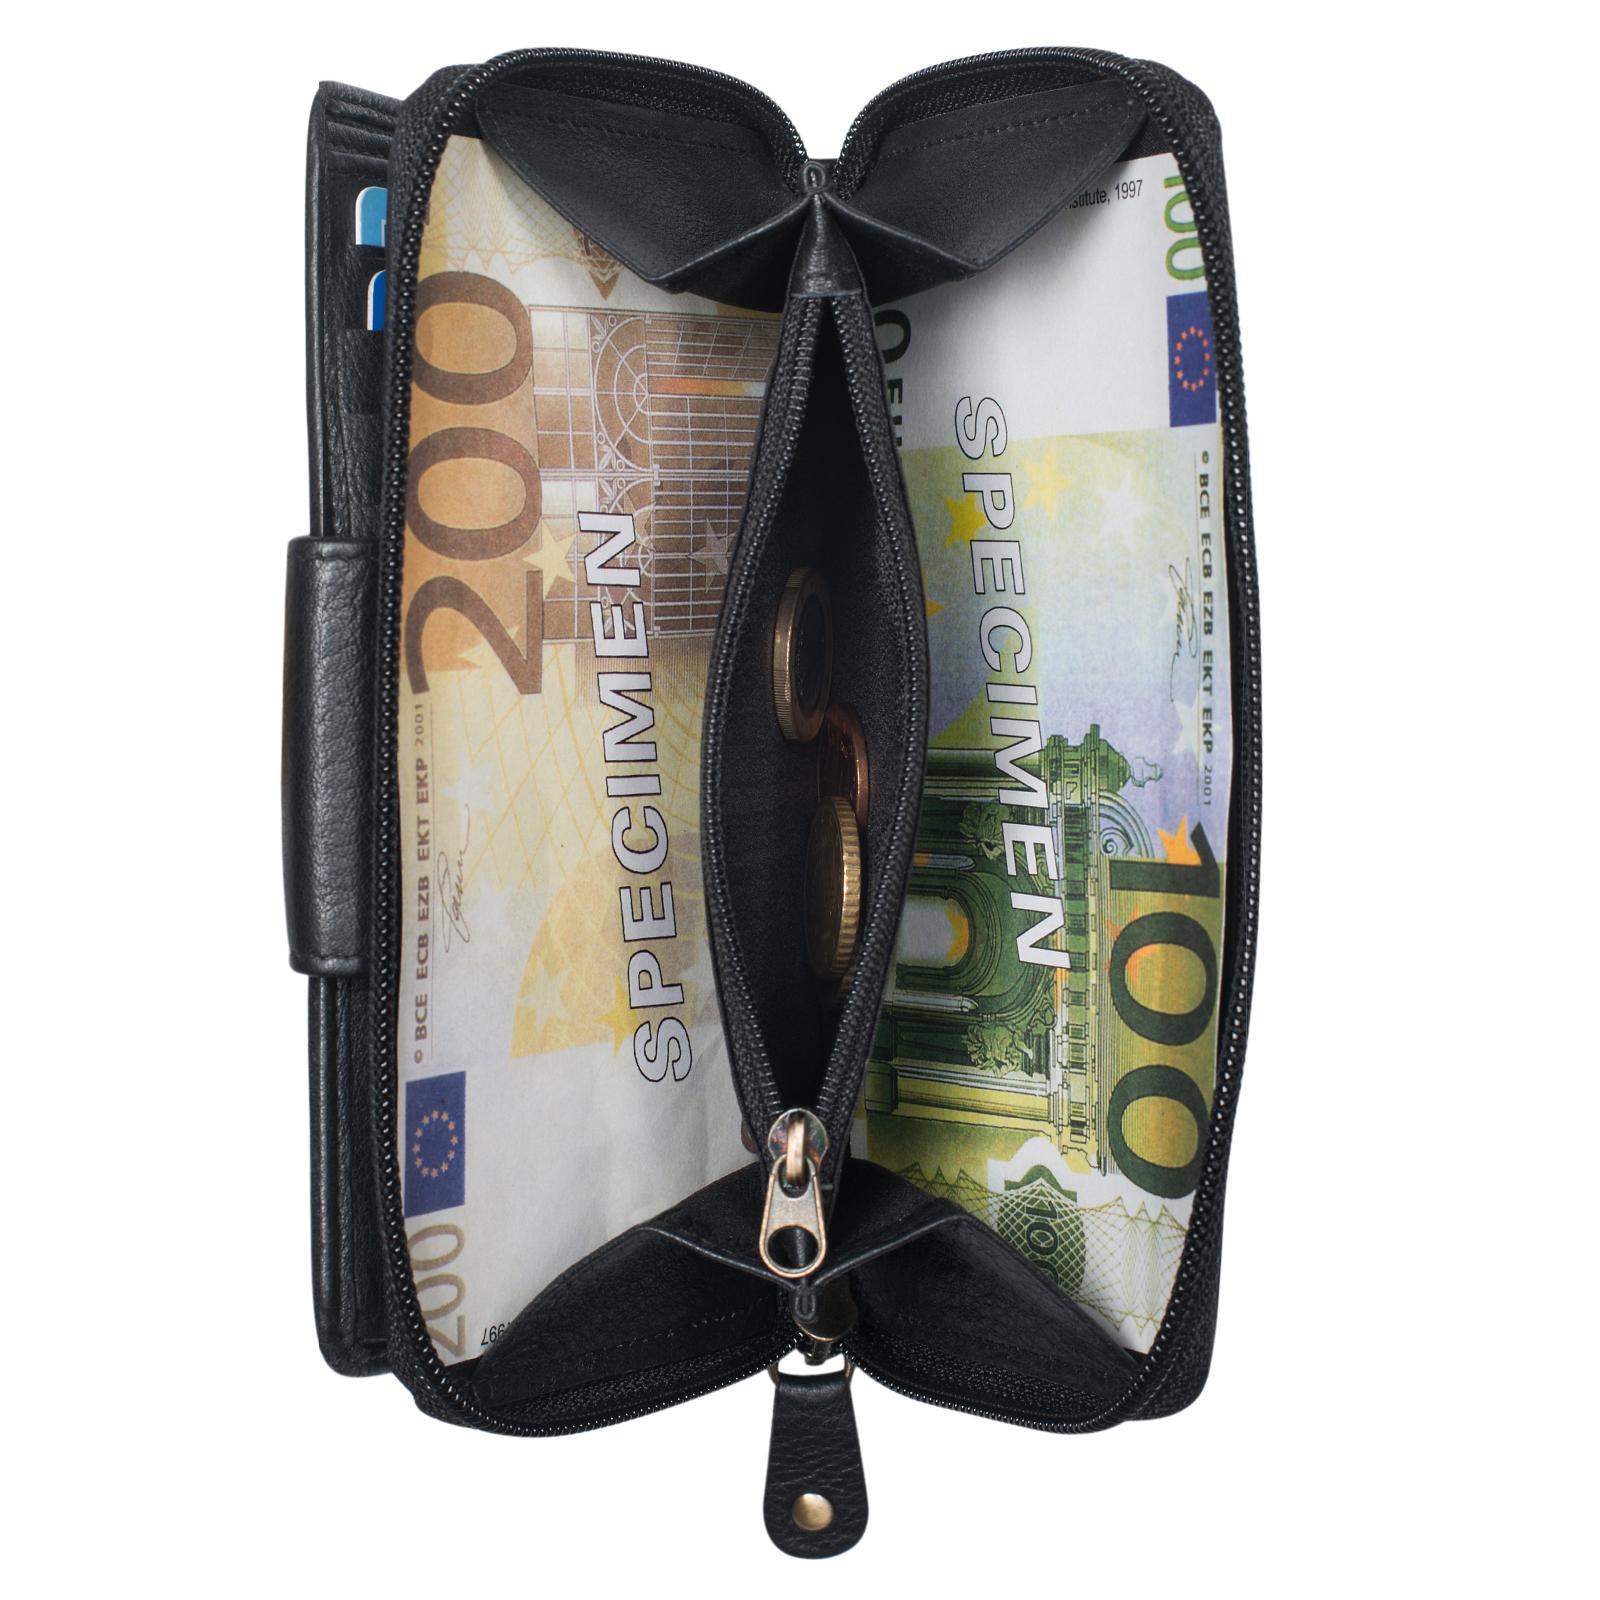 """STILORD """"Lena"""" Leder Portemonnaie Frauen Reißverschluss Vintage Geldbörse Echtleder große Brieftasche im Querformat mit vielen Fächern für Ausweis EC-Karten Bargeld - Bild 12"""